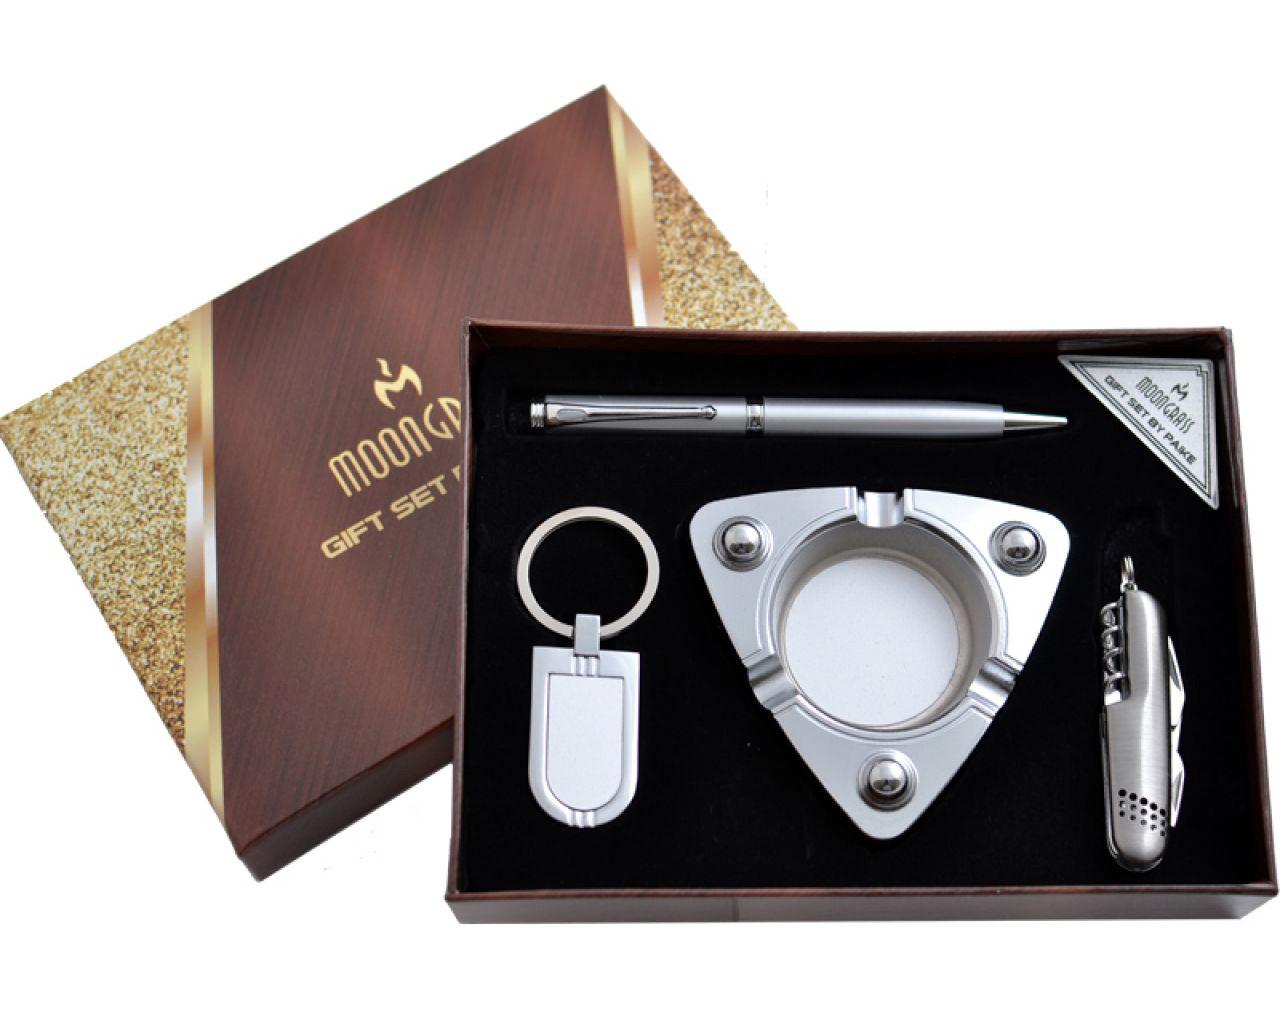 Подарочный набор c пепельницей, раскладным ножом, ручкой и брелком Moongrass 4в1